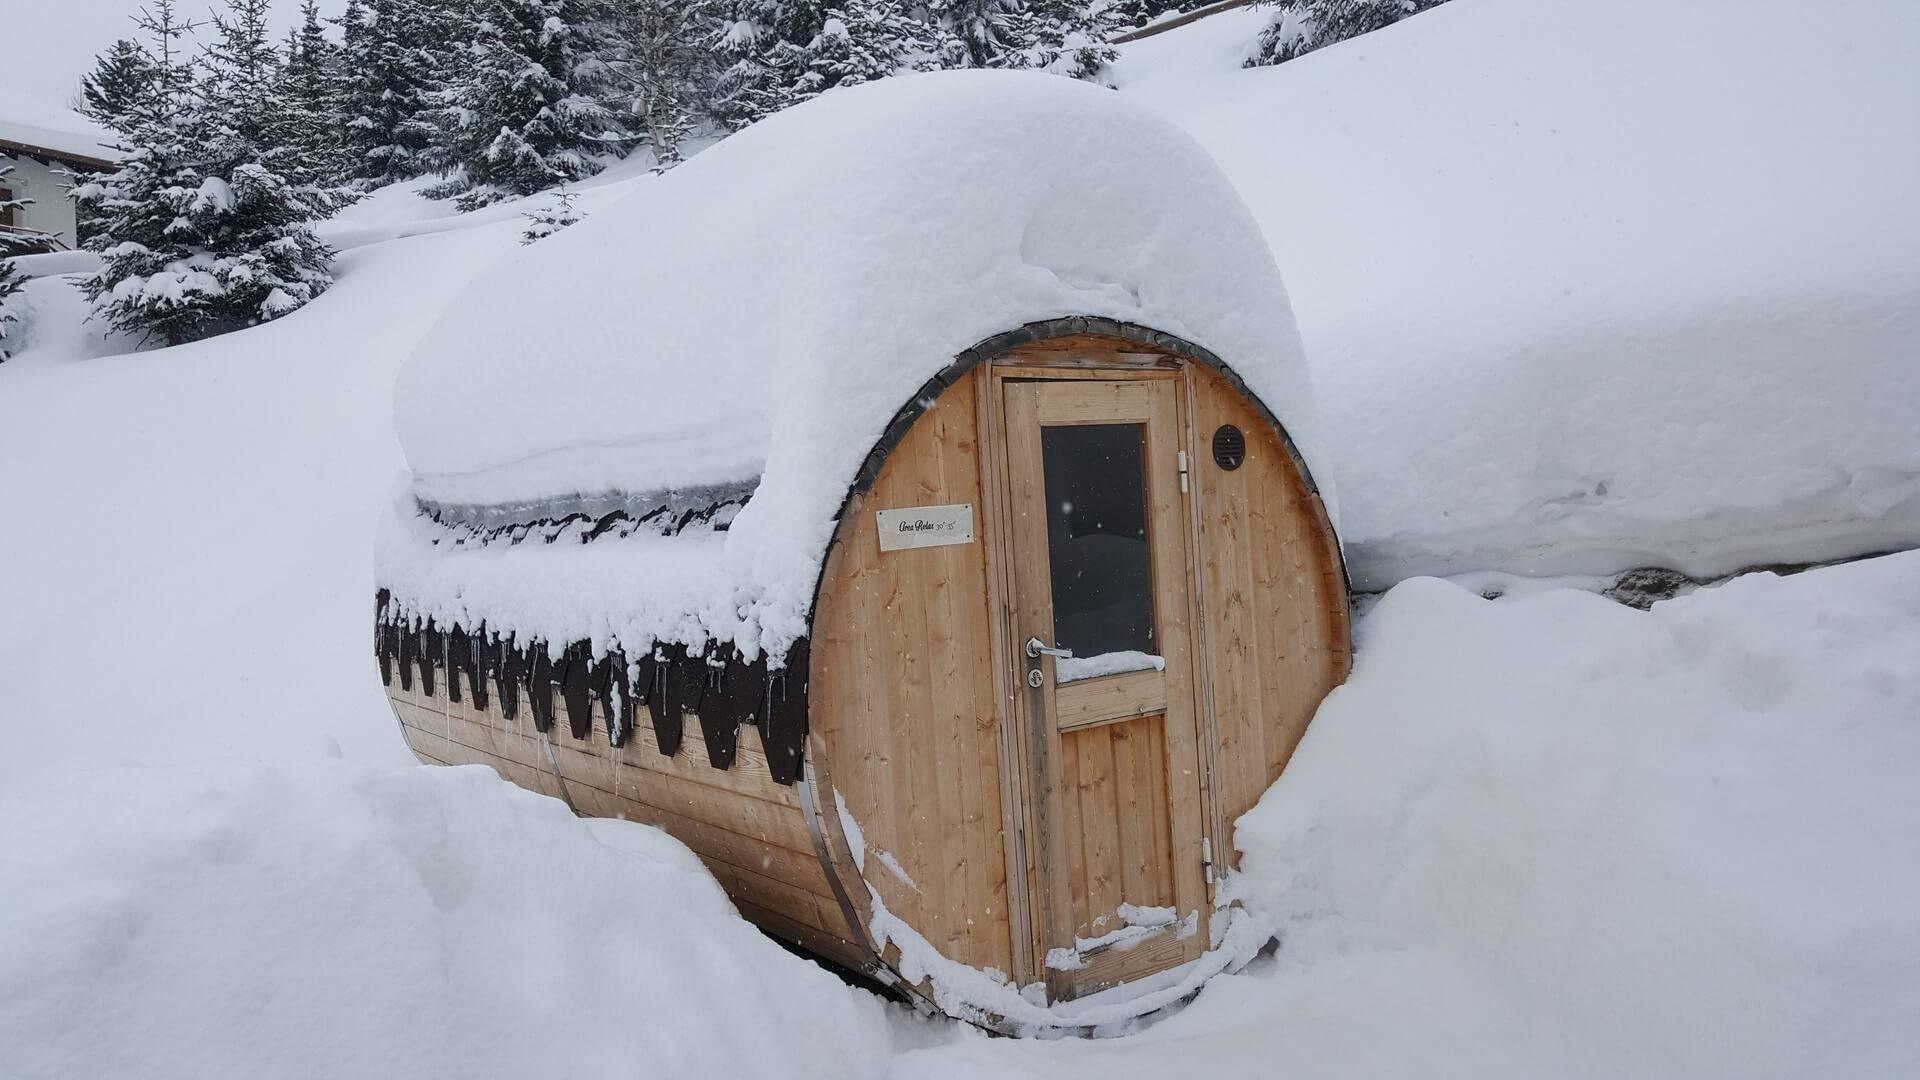 Sauna a botte - Hotel del Bosco Livigno